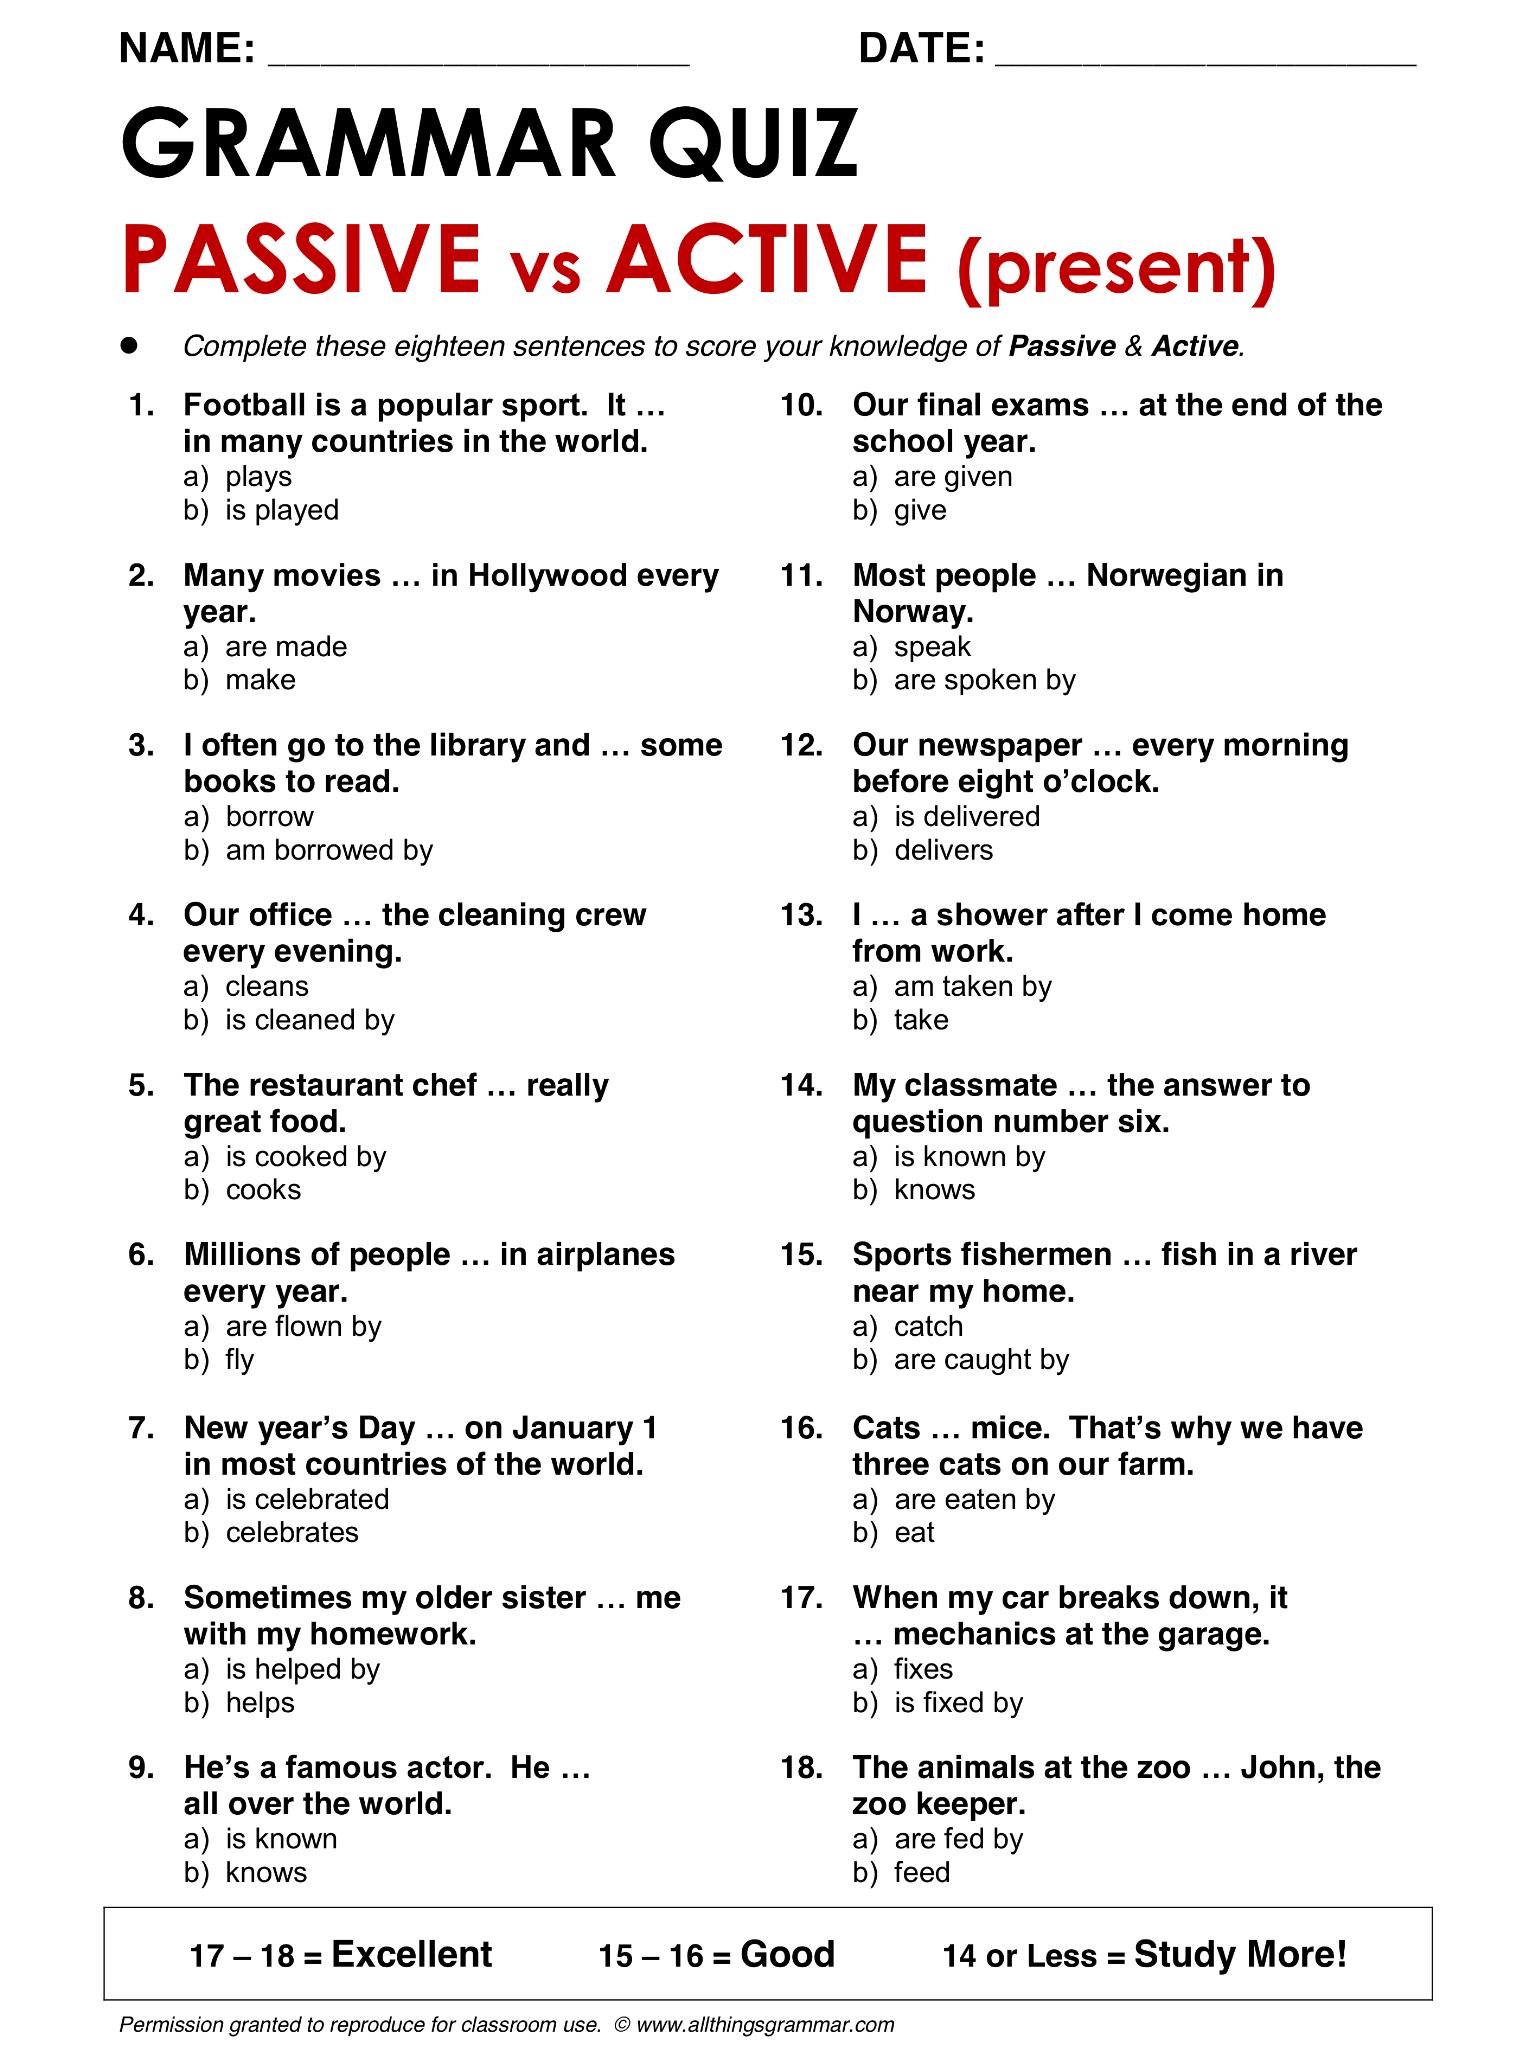 English Grammar Passive vs Active Present